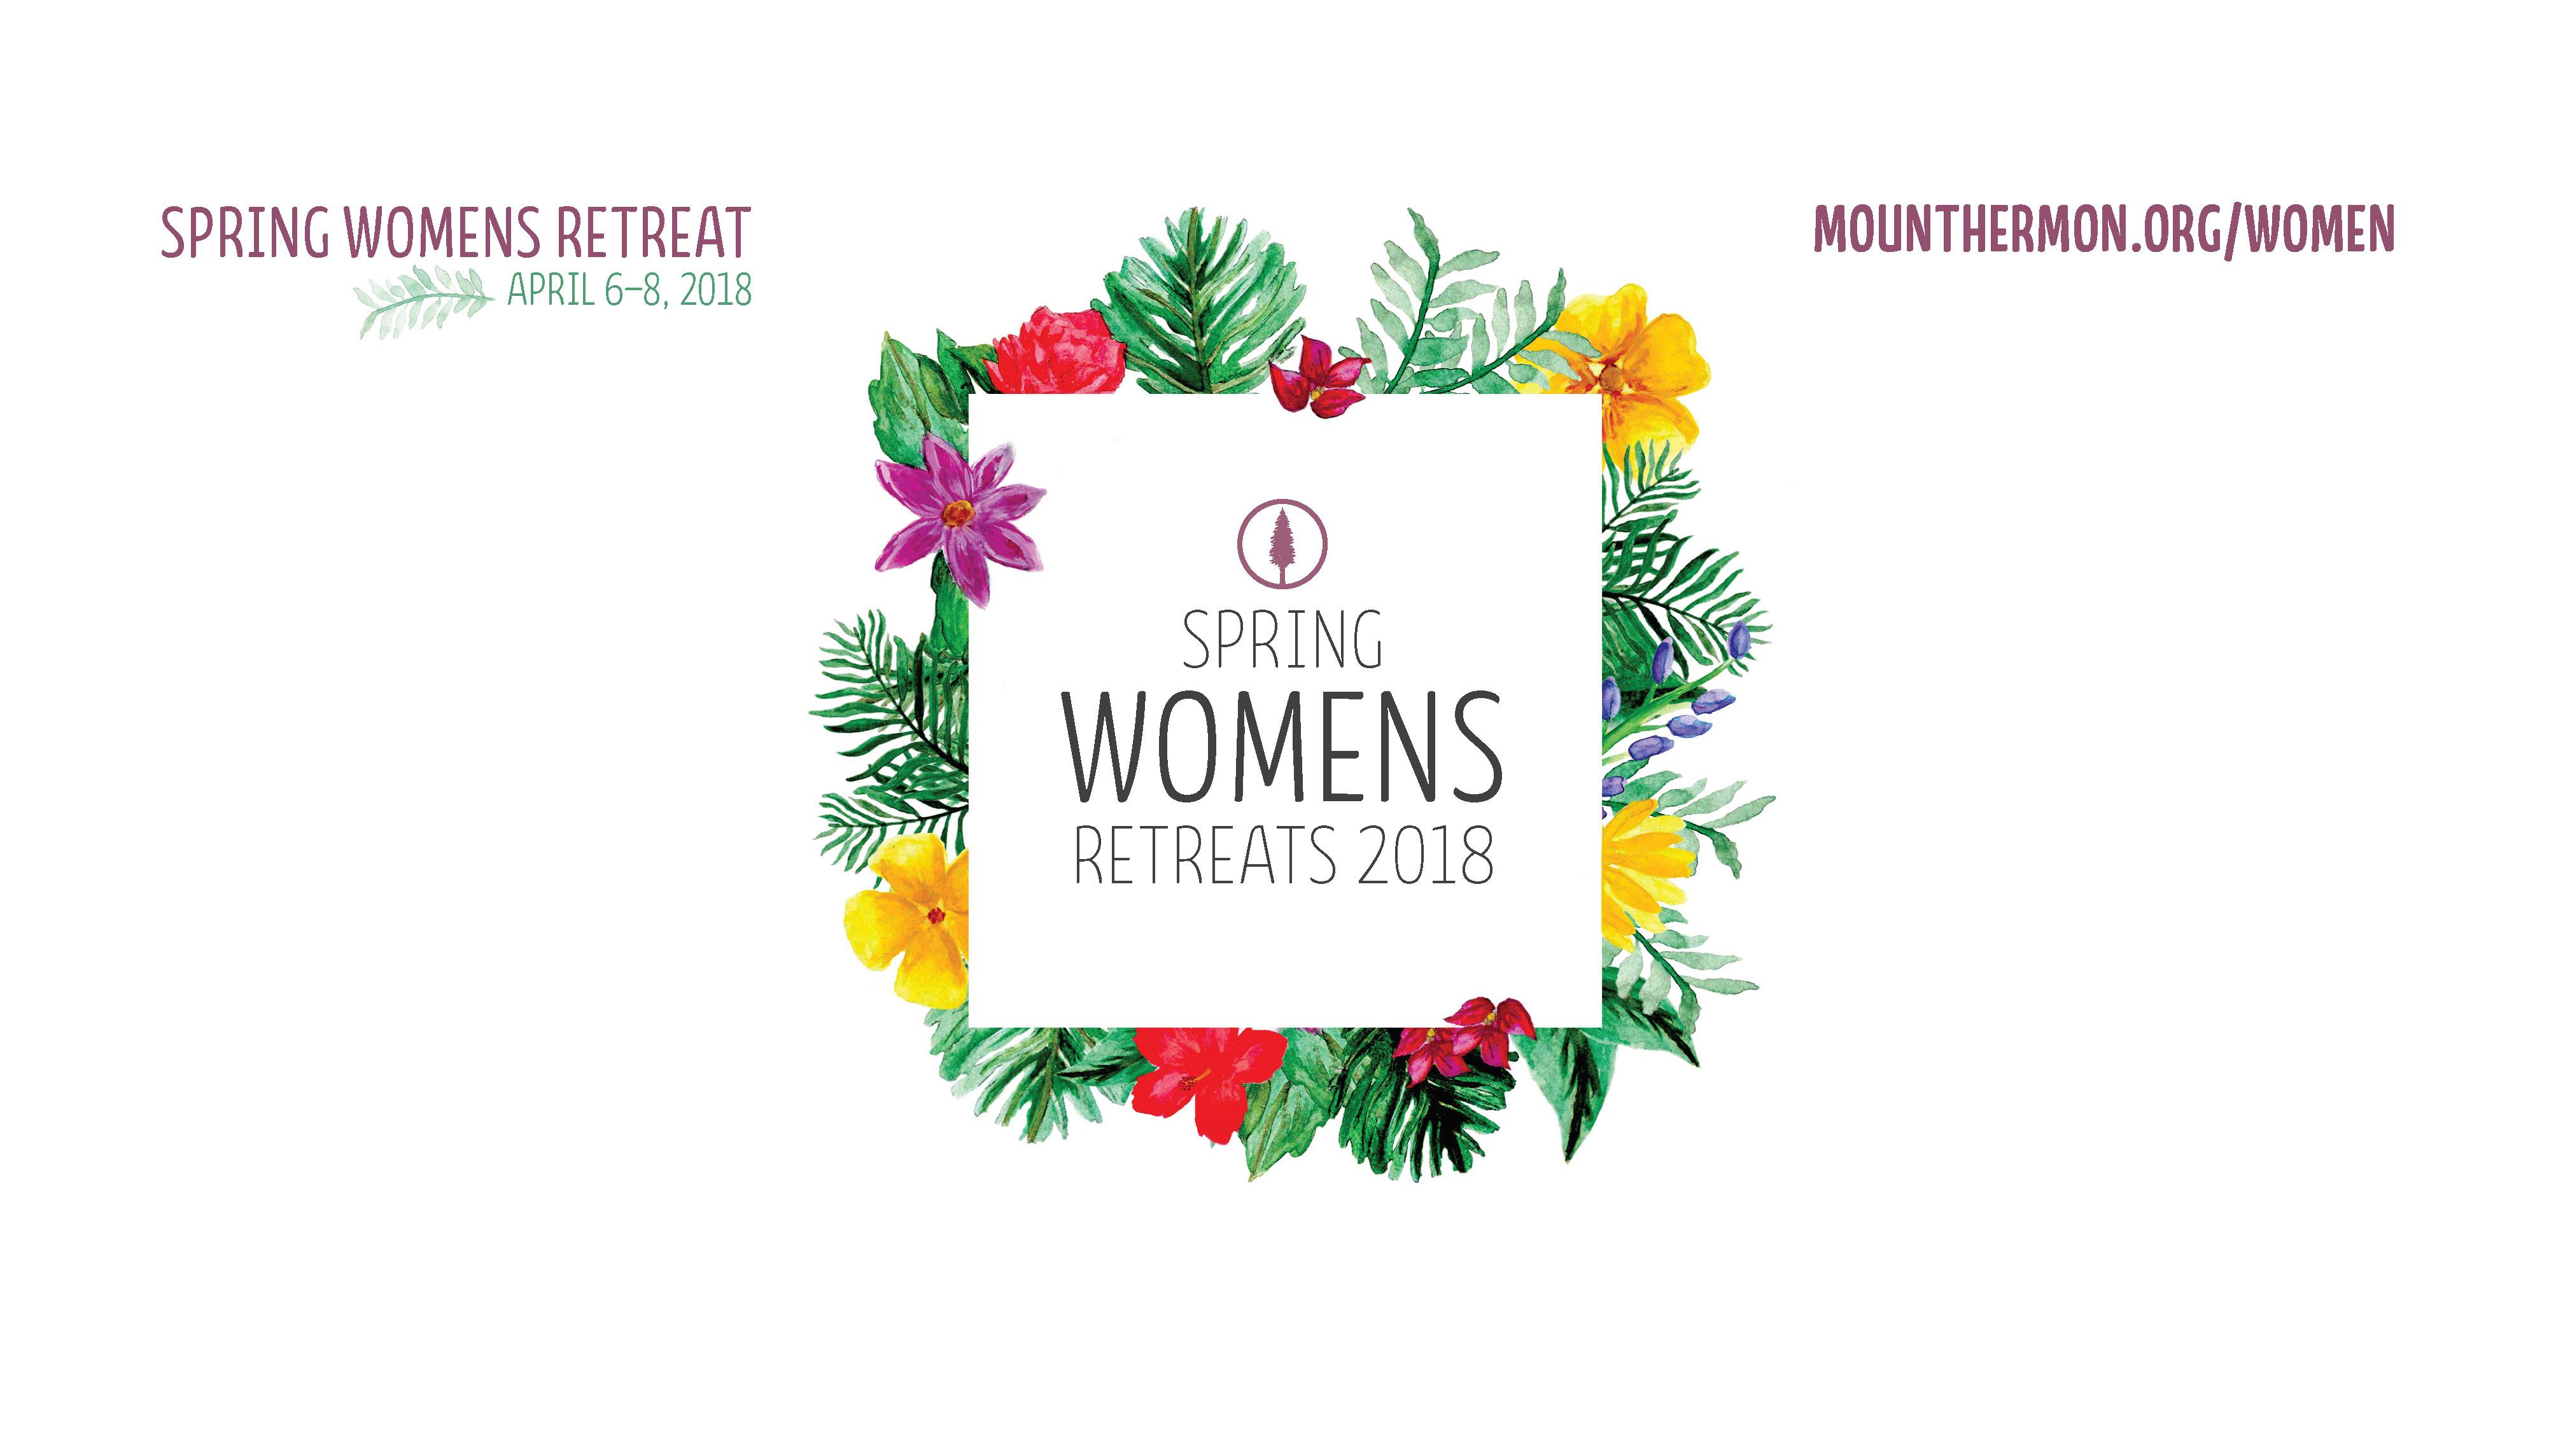 Women's Retreats 2018 Slide